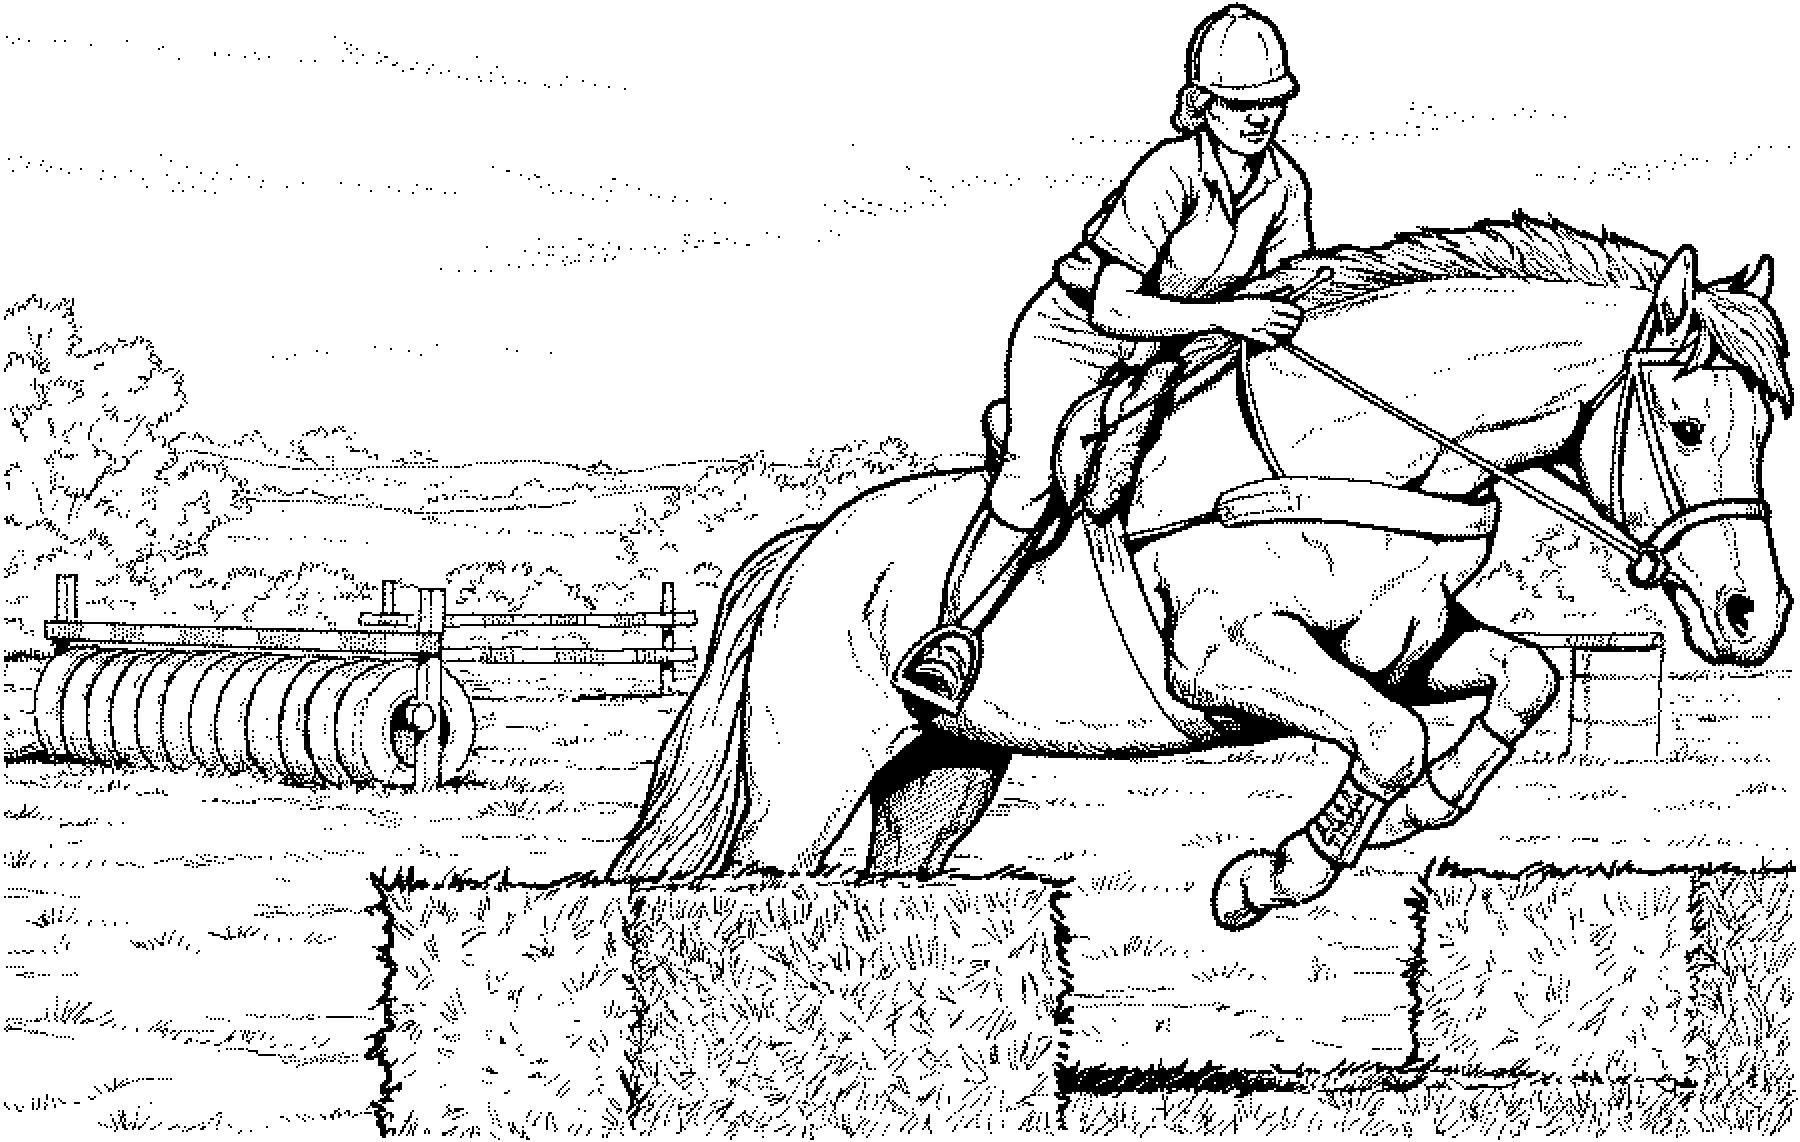 Animal Outlines To Colour - Google Search | Ausmalbilder in Pferde Bilder Zum Ausmalen Und Ausdrucken Kostenlos